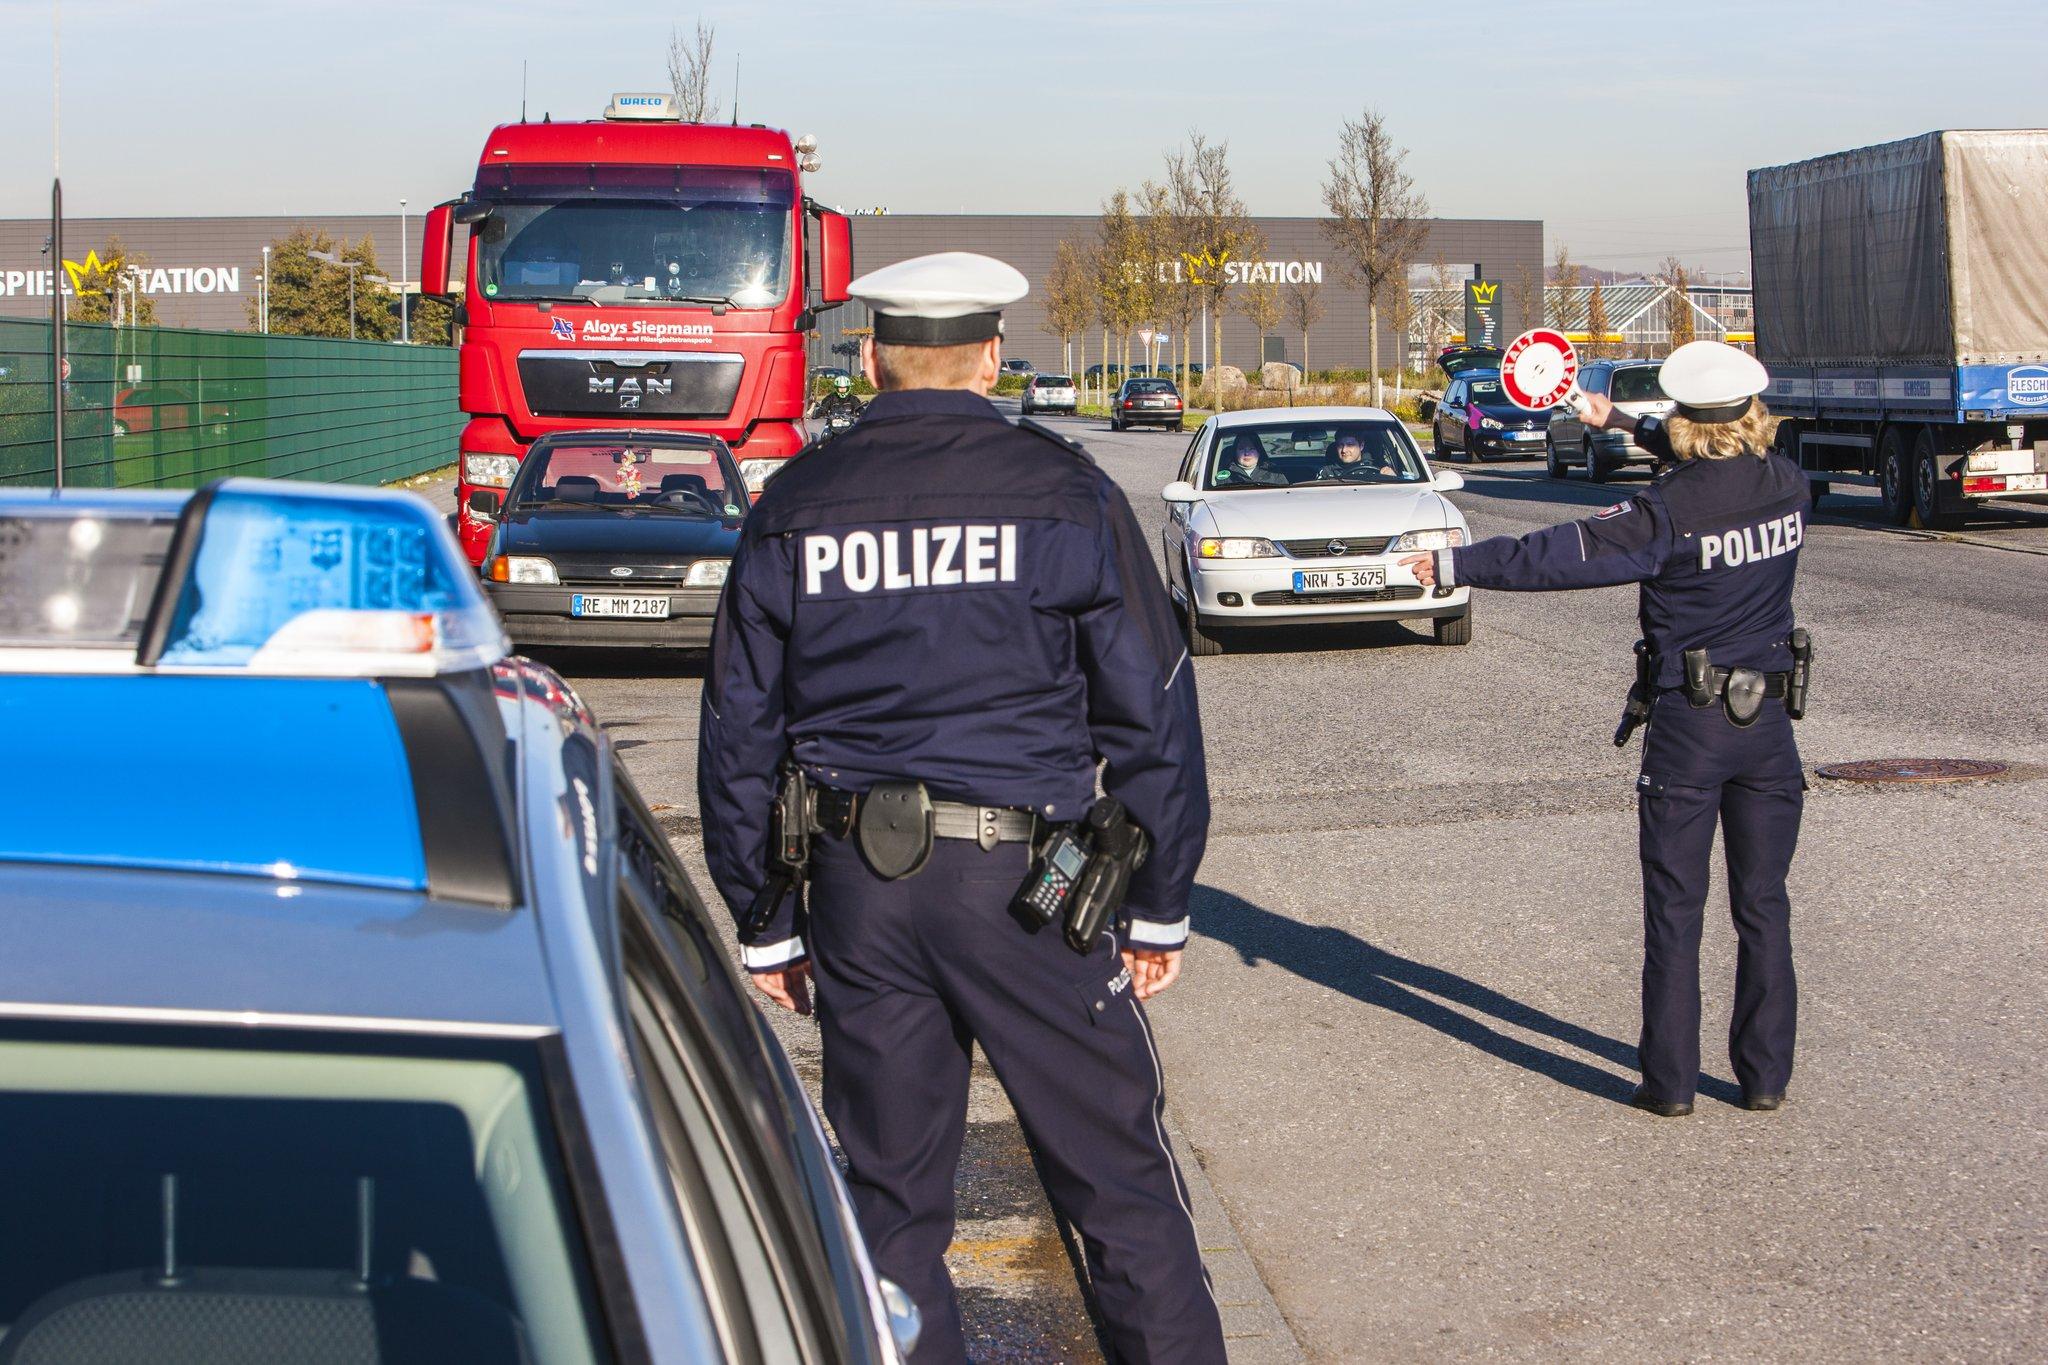 Polizei Wird Angegriffen